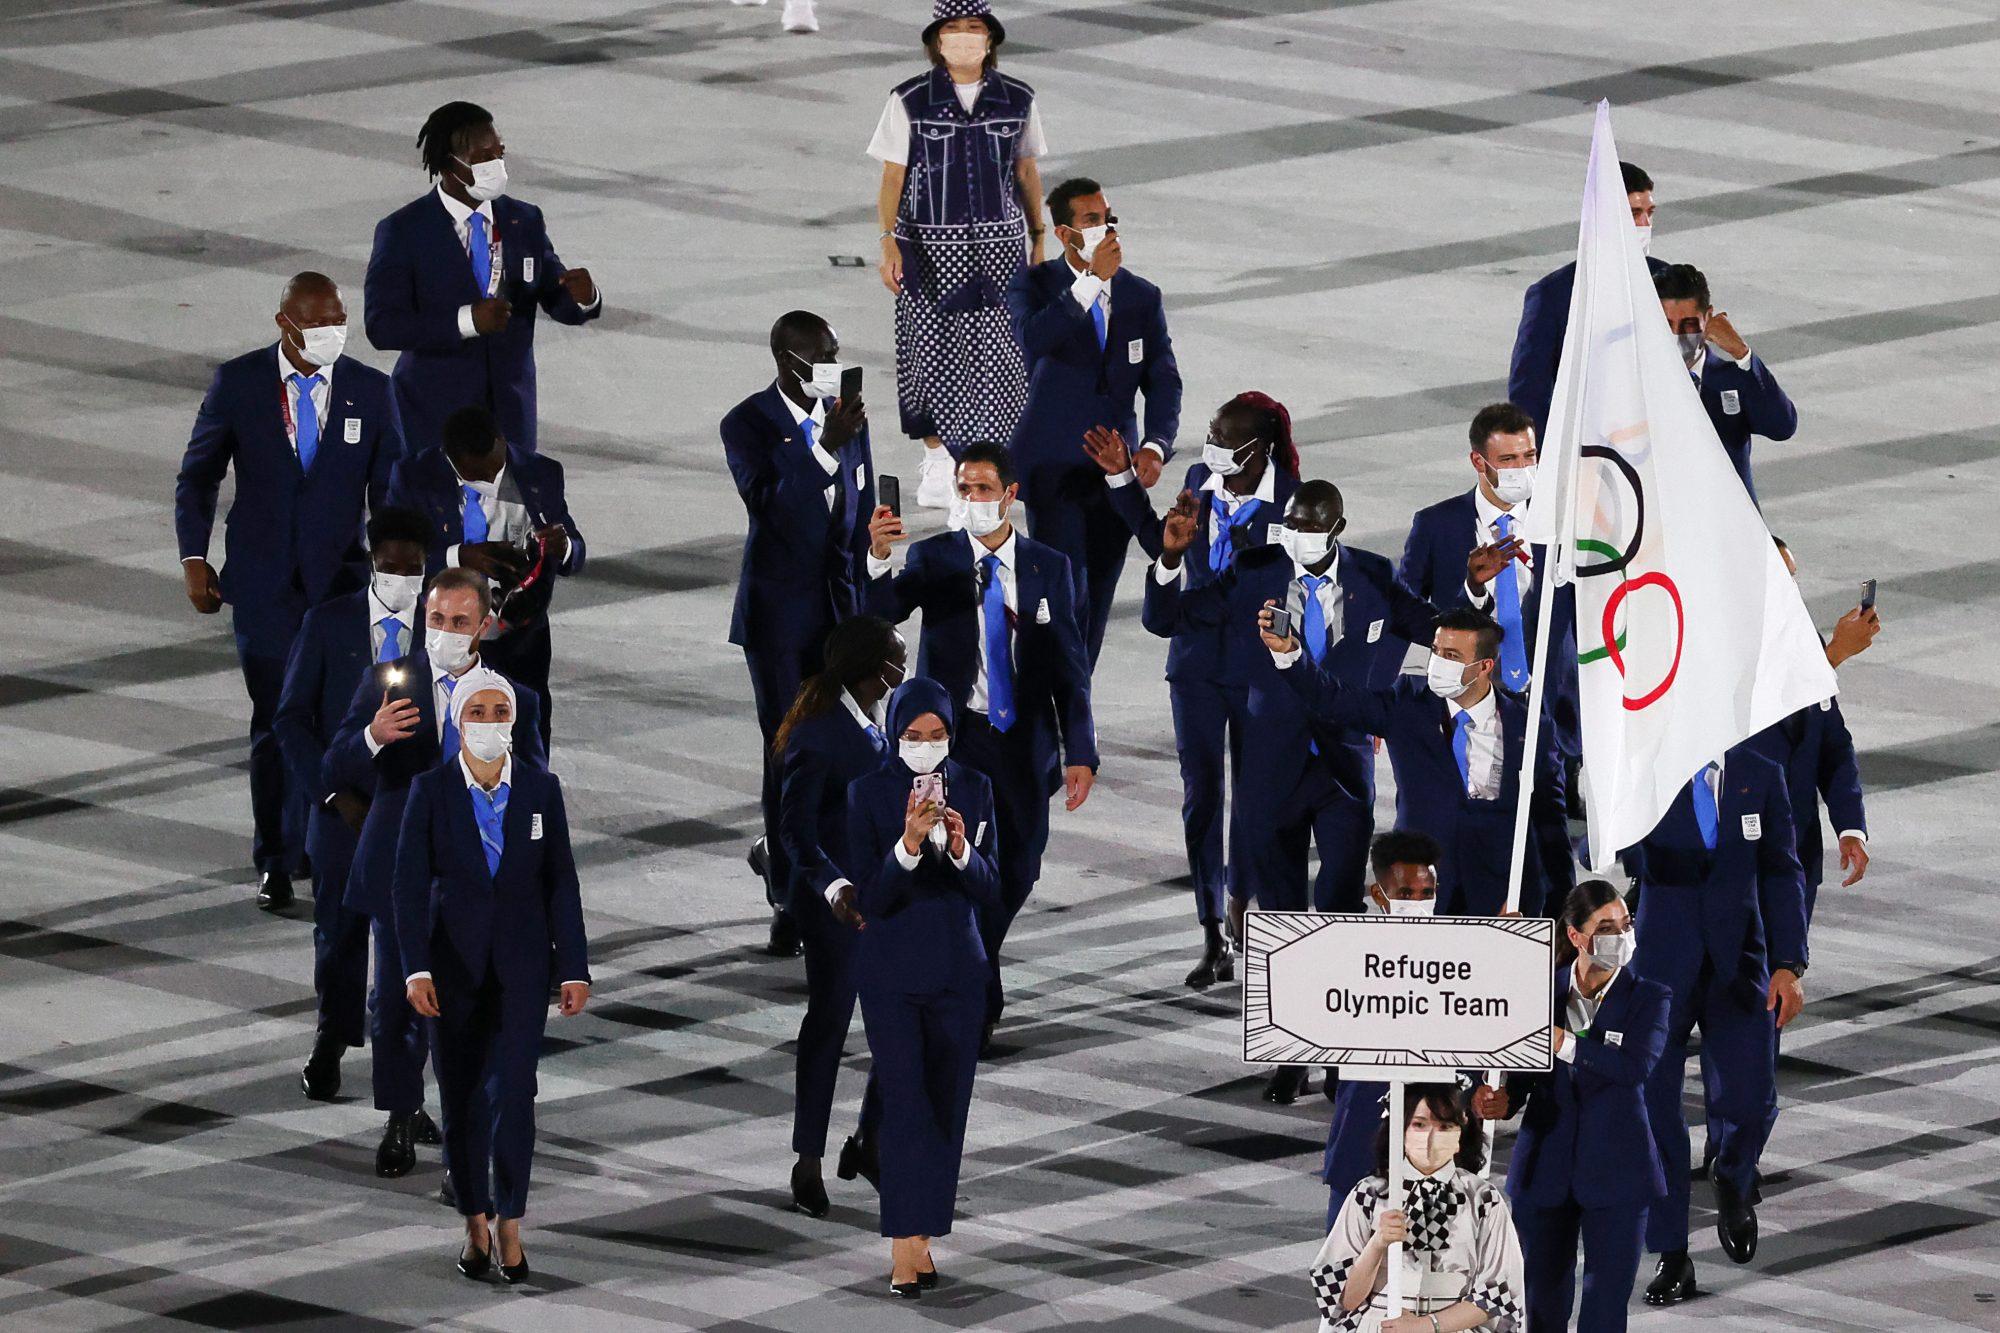 """""""Ustedes han tenido que dejar sus hogares por situaciones de violencia, hambre o simplemente porque son diferentes. Hoy, les damos la bienvenida con los brazos abiertos y les ofrecemos un hogar pacífico. Bienvenidos a nuestra comunidad olímpica"""", fueron las palabras que Thomas Bach, presidente del Comité Olímpico Internacional, regaló al equipo de refugiados que participa en las justas de Tokio."""